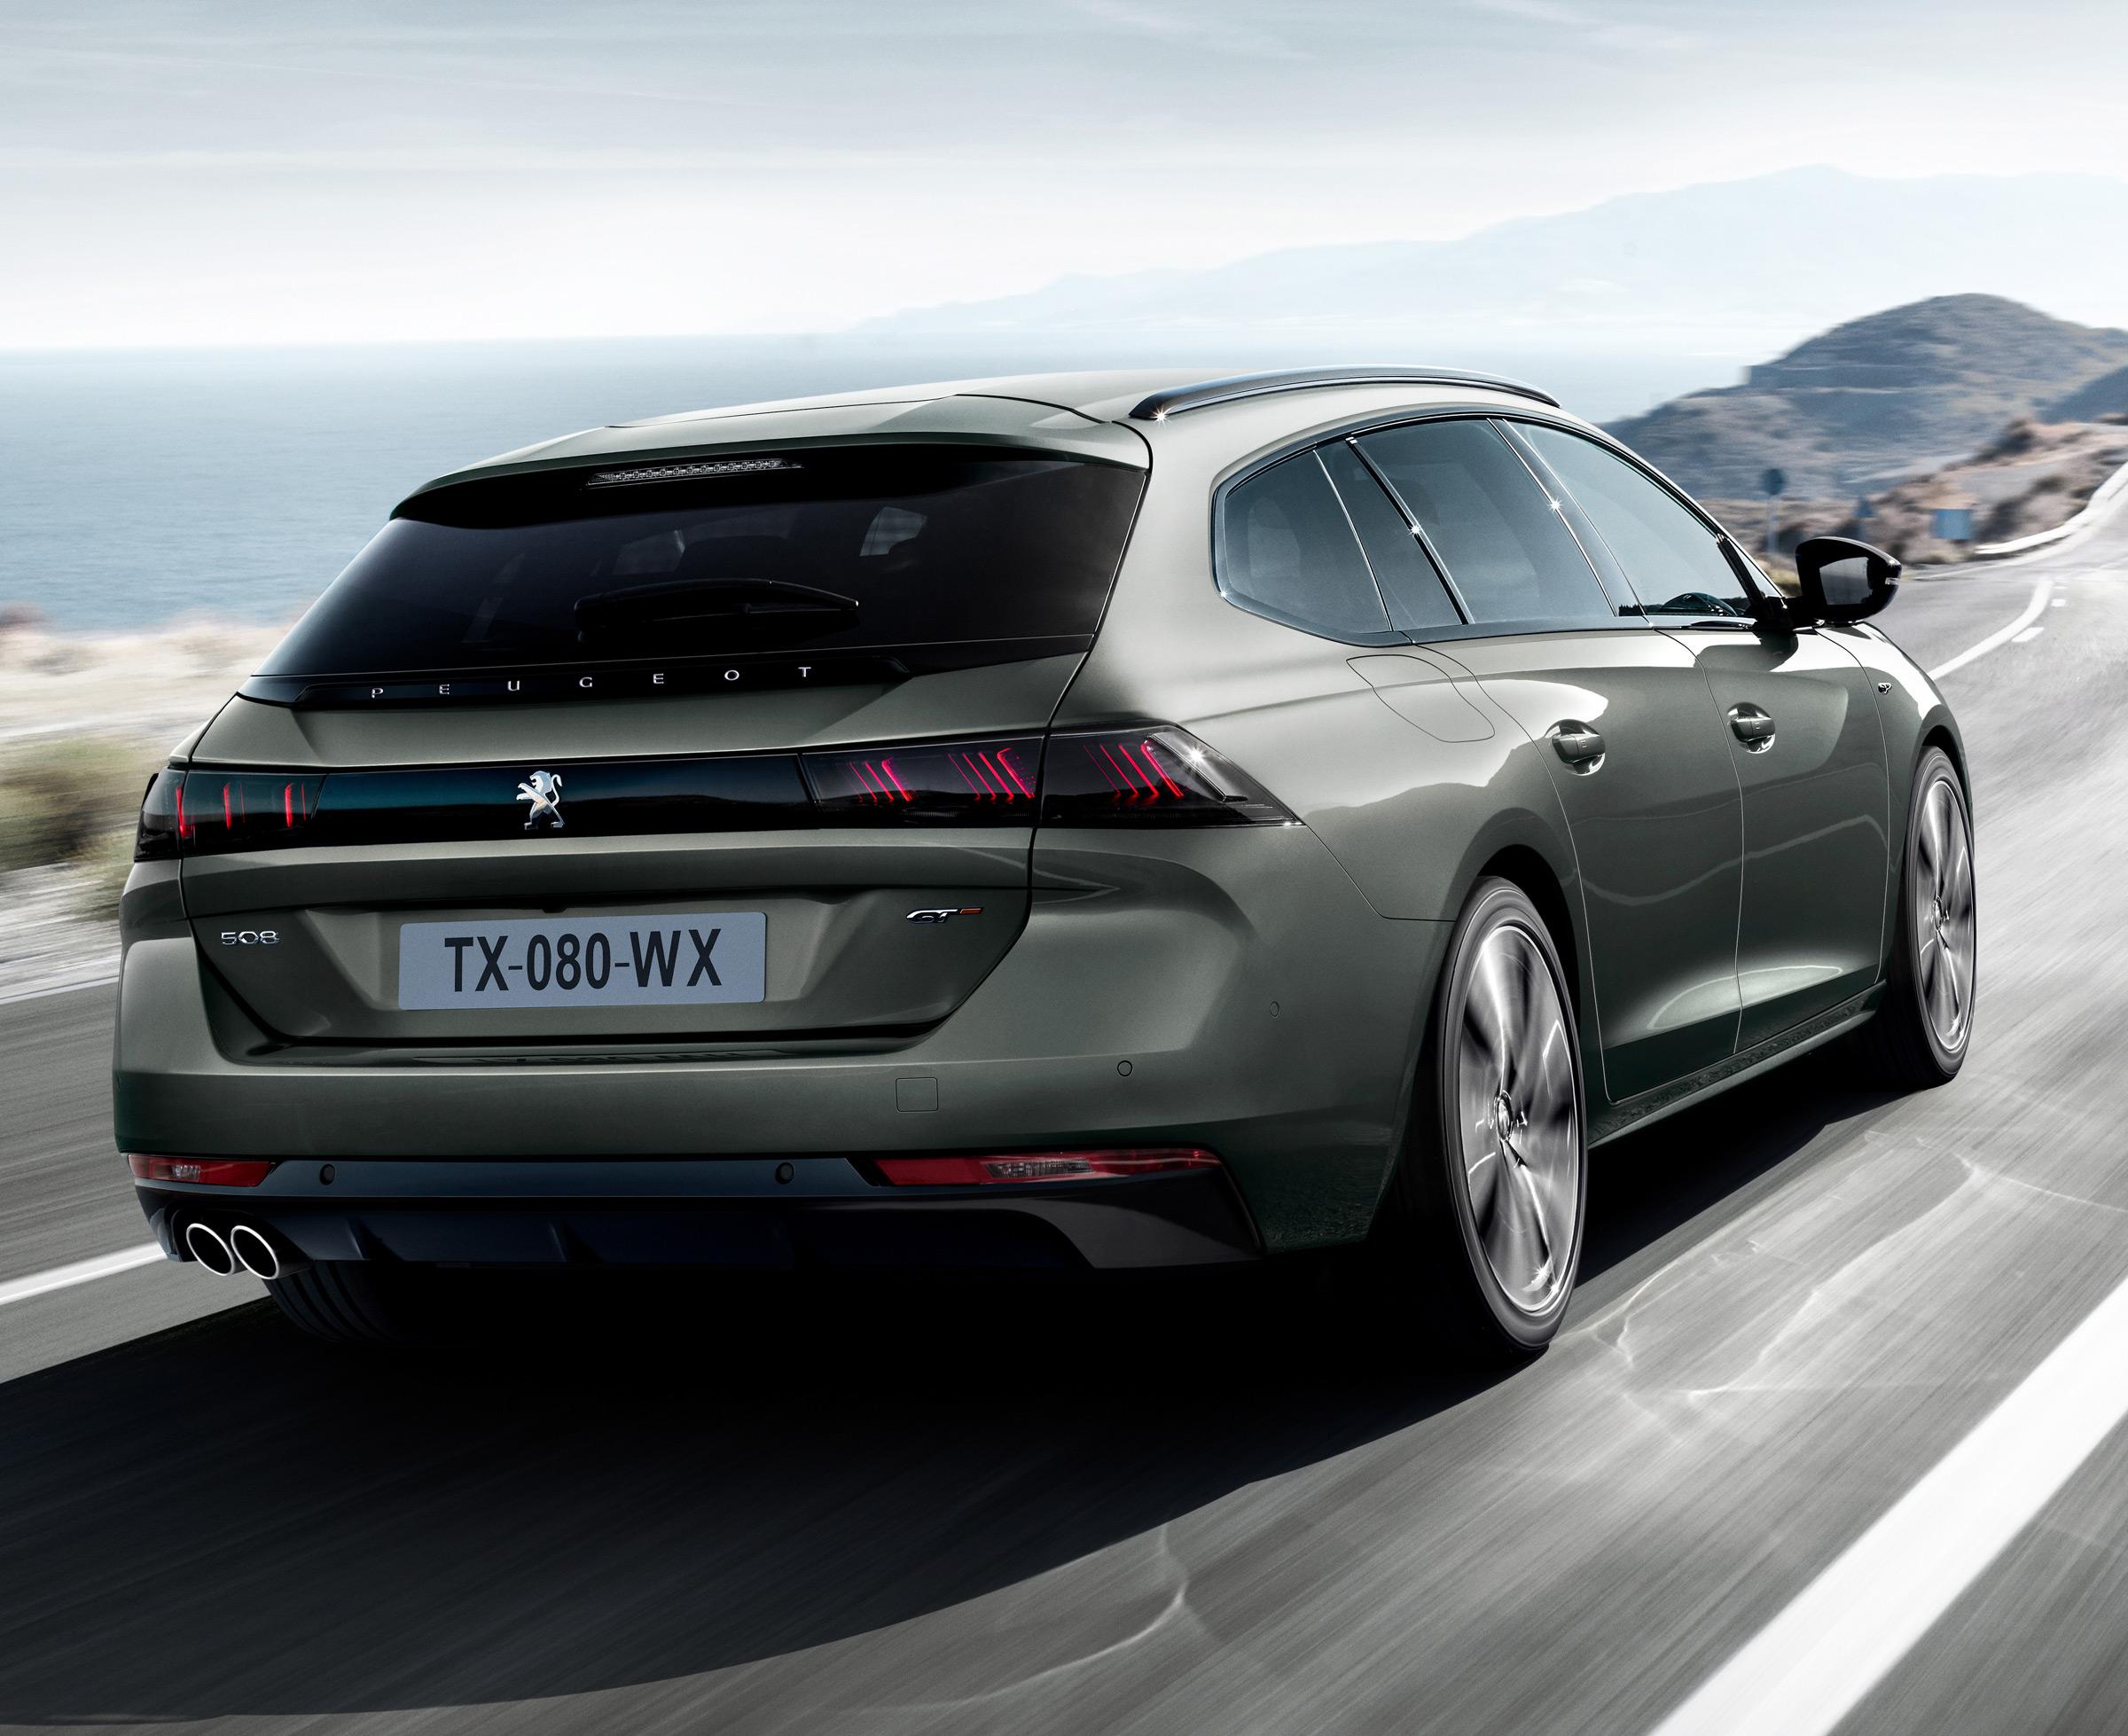 Peugeot Pokazal Nowe 508 Sw Wyglada Oblednie